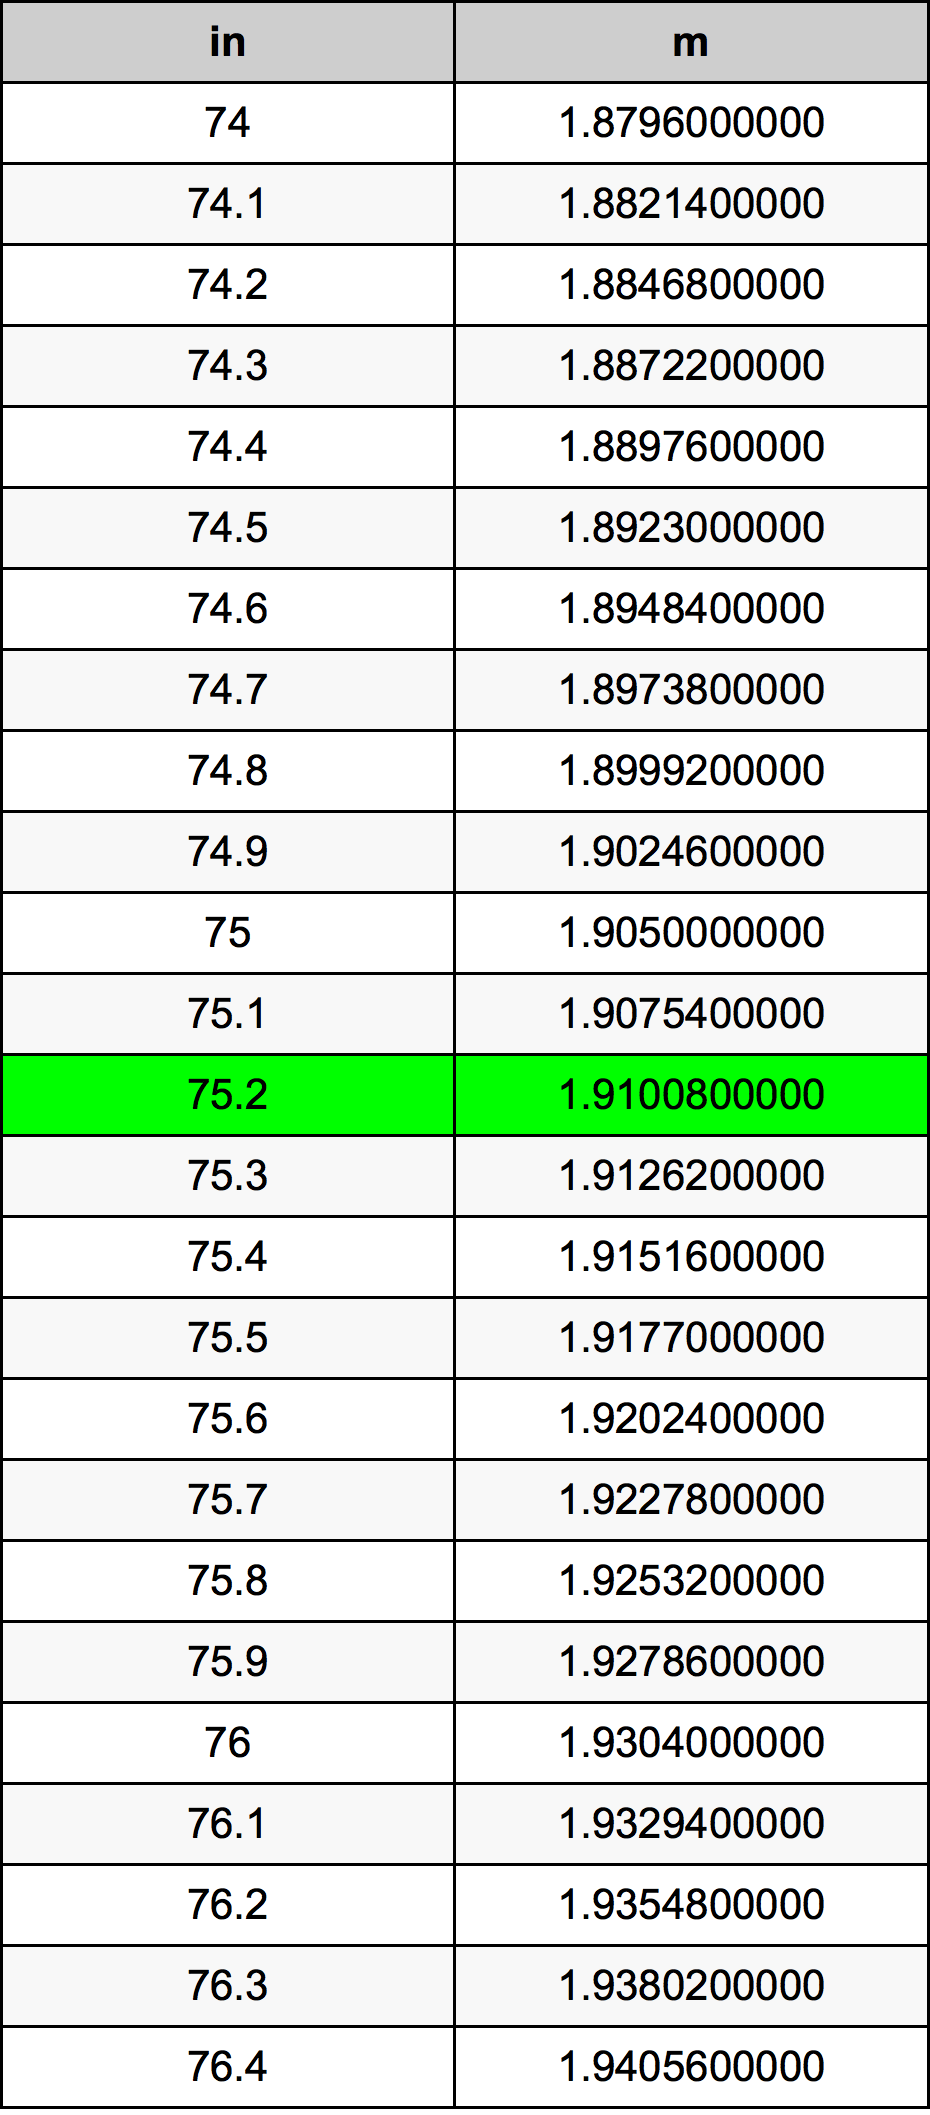 75.2 بوصة جدول تحويل